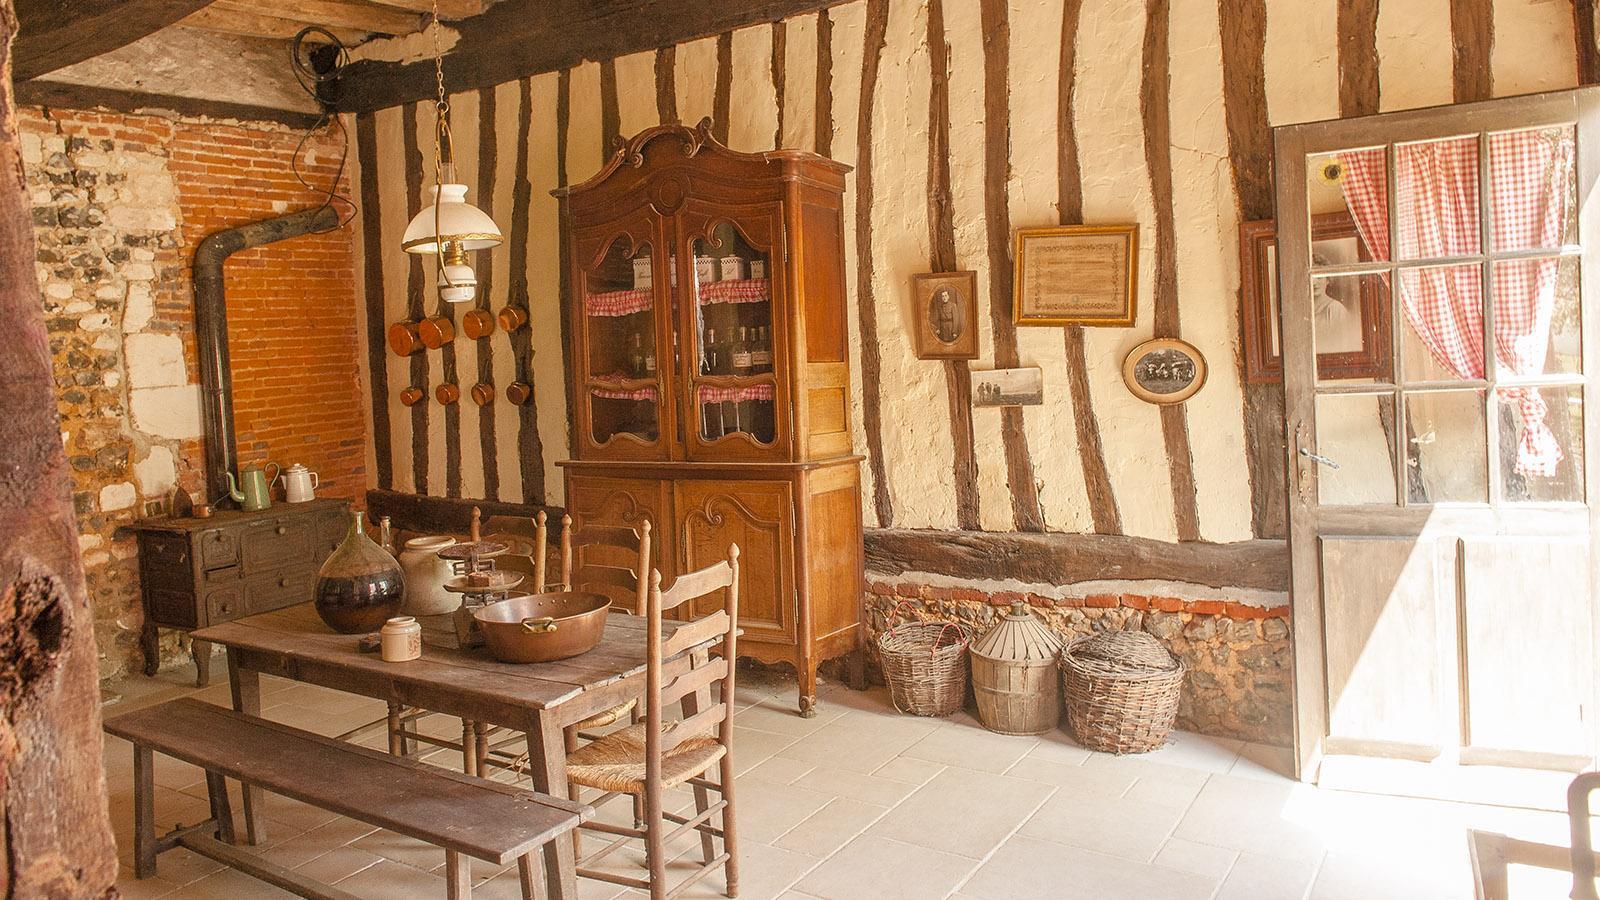 Boeuf Cidré: Auf dem Hof hat Familie Craquelin ihre bäuerliches Erbe bewahrt - und zeigt es gerne Besuchern. Foto: Hilke Maunder